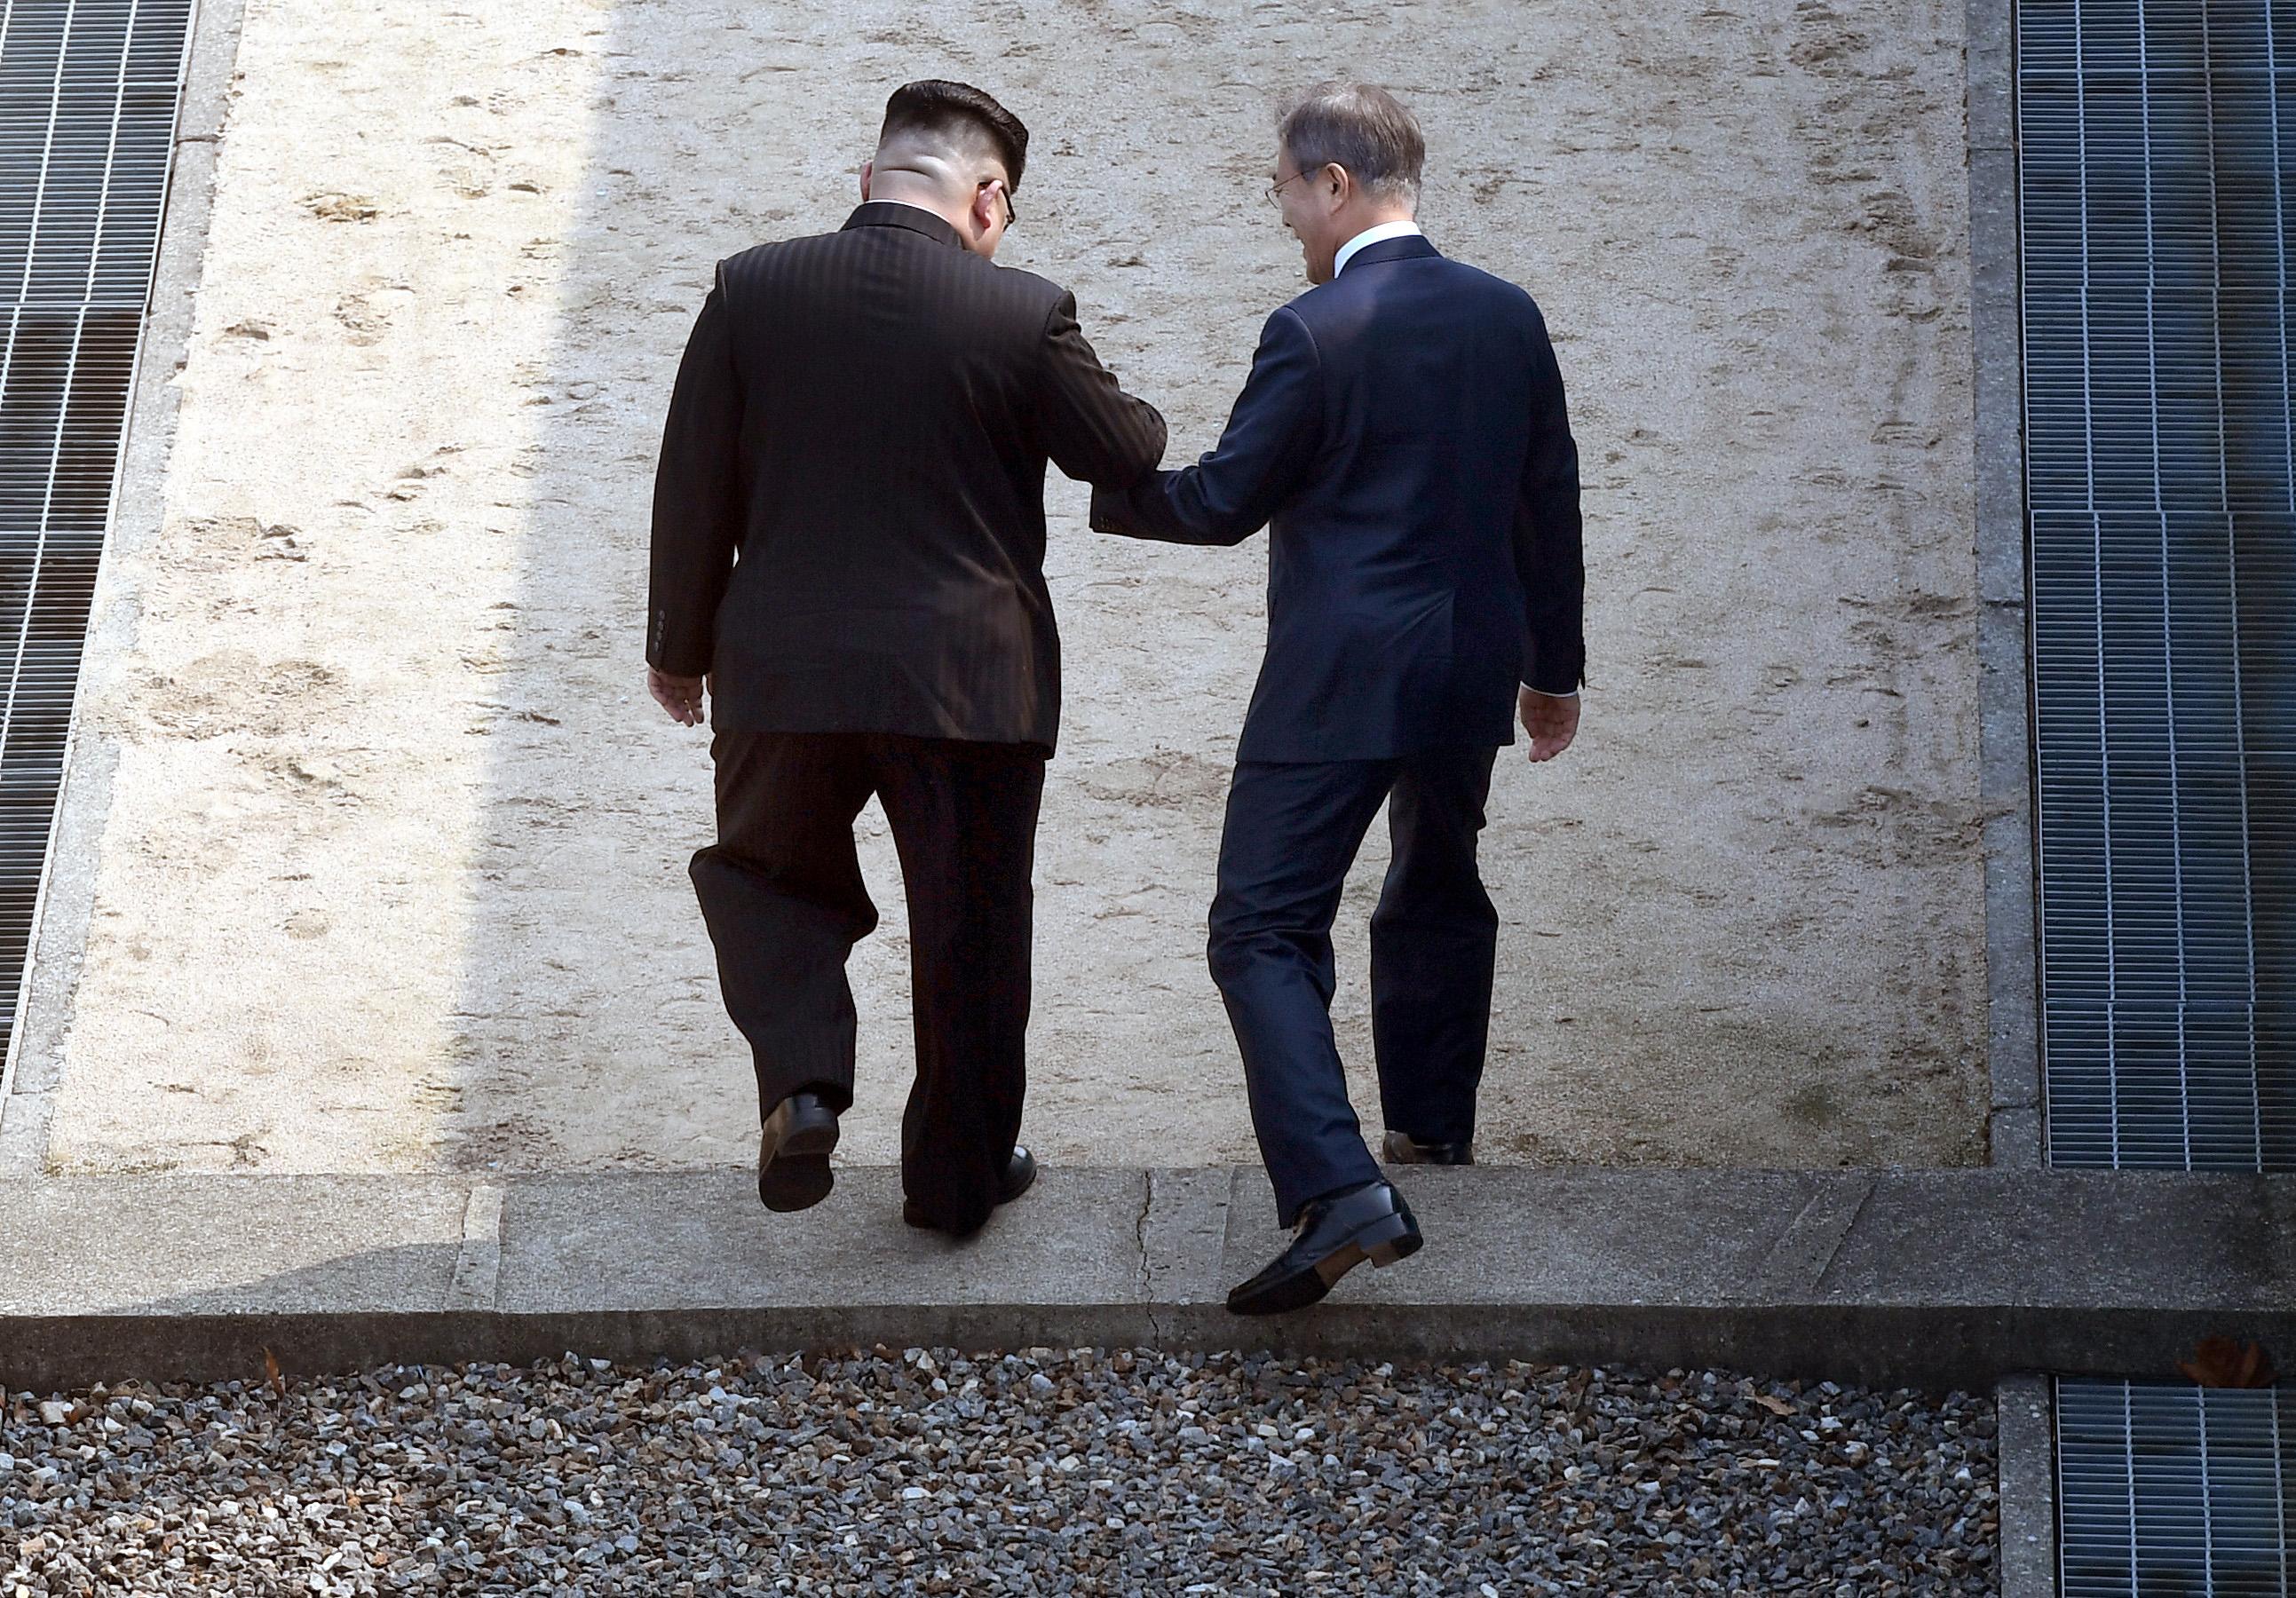 Kim Dzsongun eltökélt szándéka találkozni Trumppal